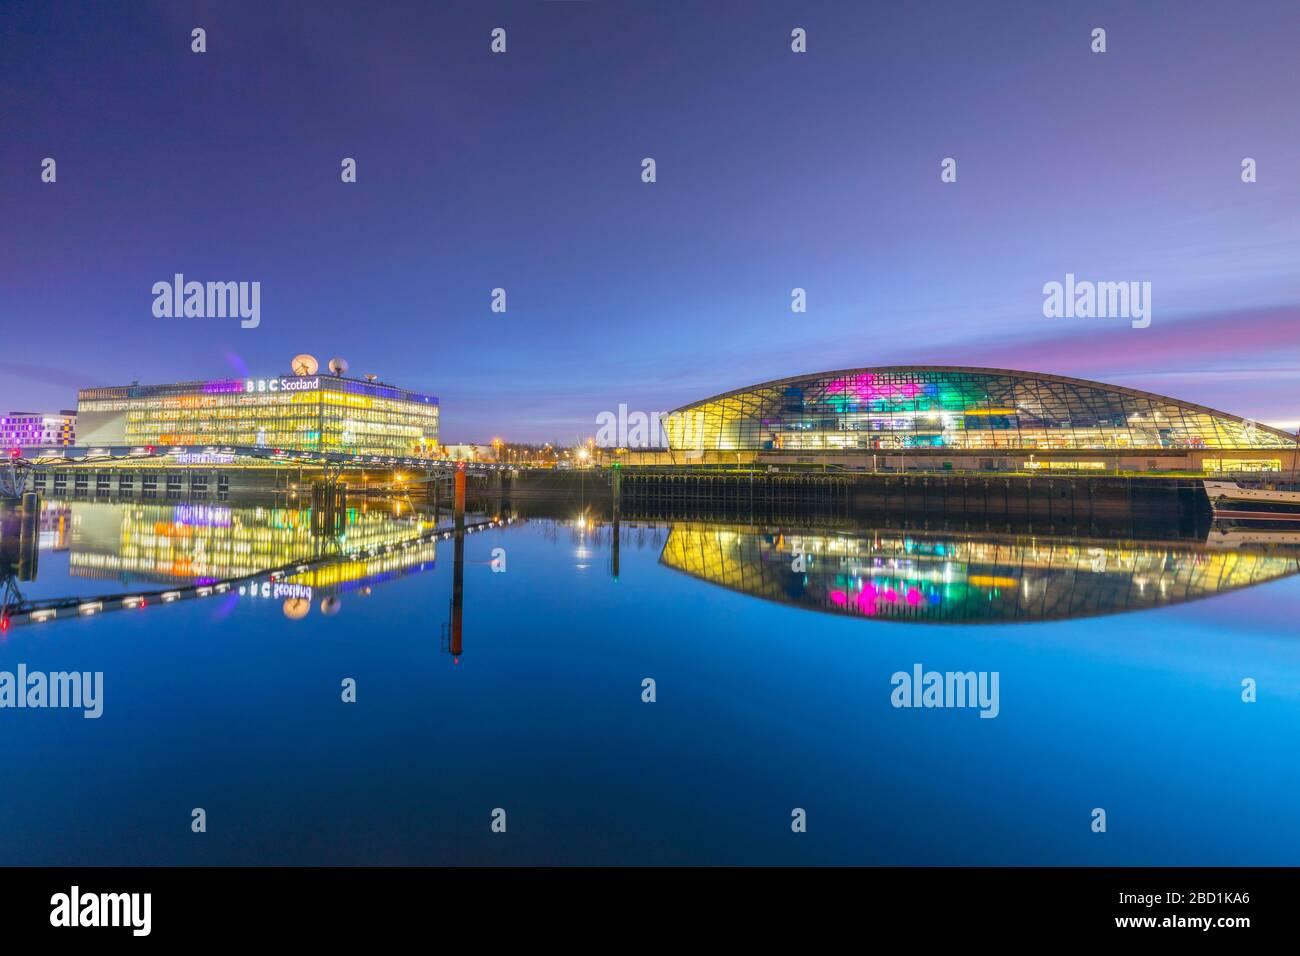 Siège social de BBC Scotland et le Science Museum à DUSK, River Clyde, Glasgow, Ecosse, Royaume-Uni, Europe Banque D'Images